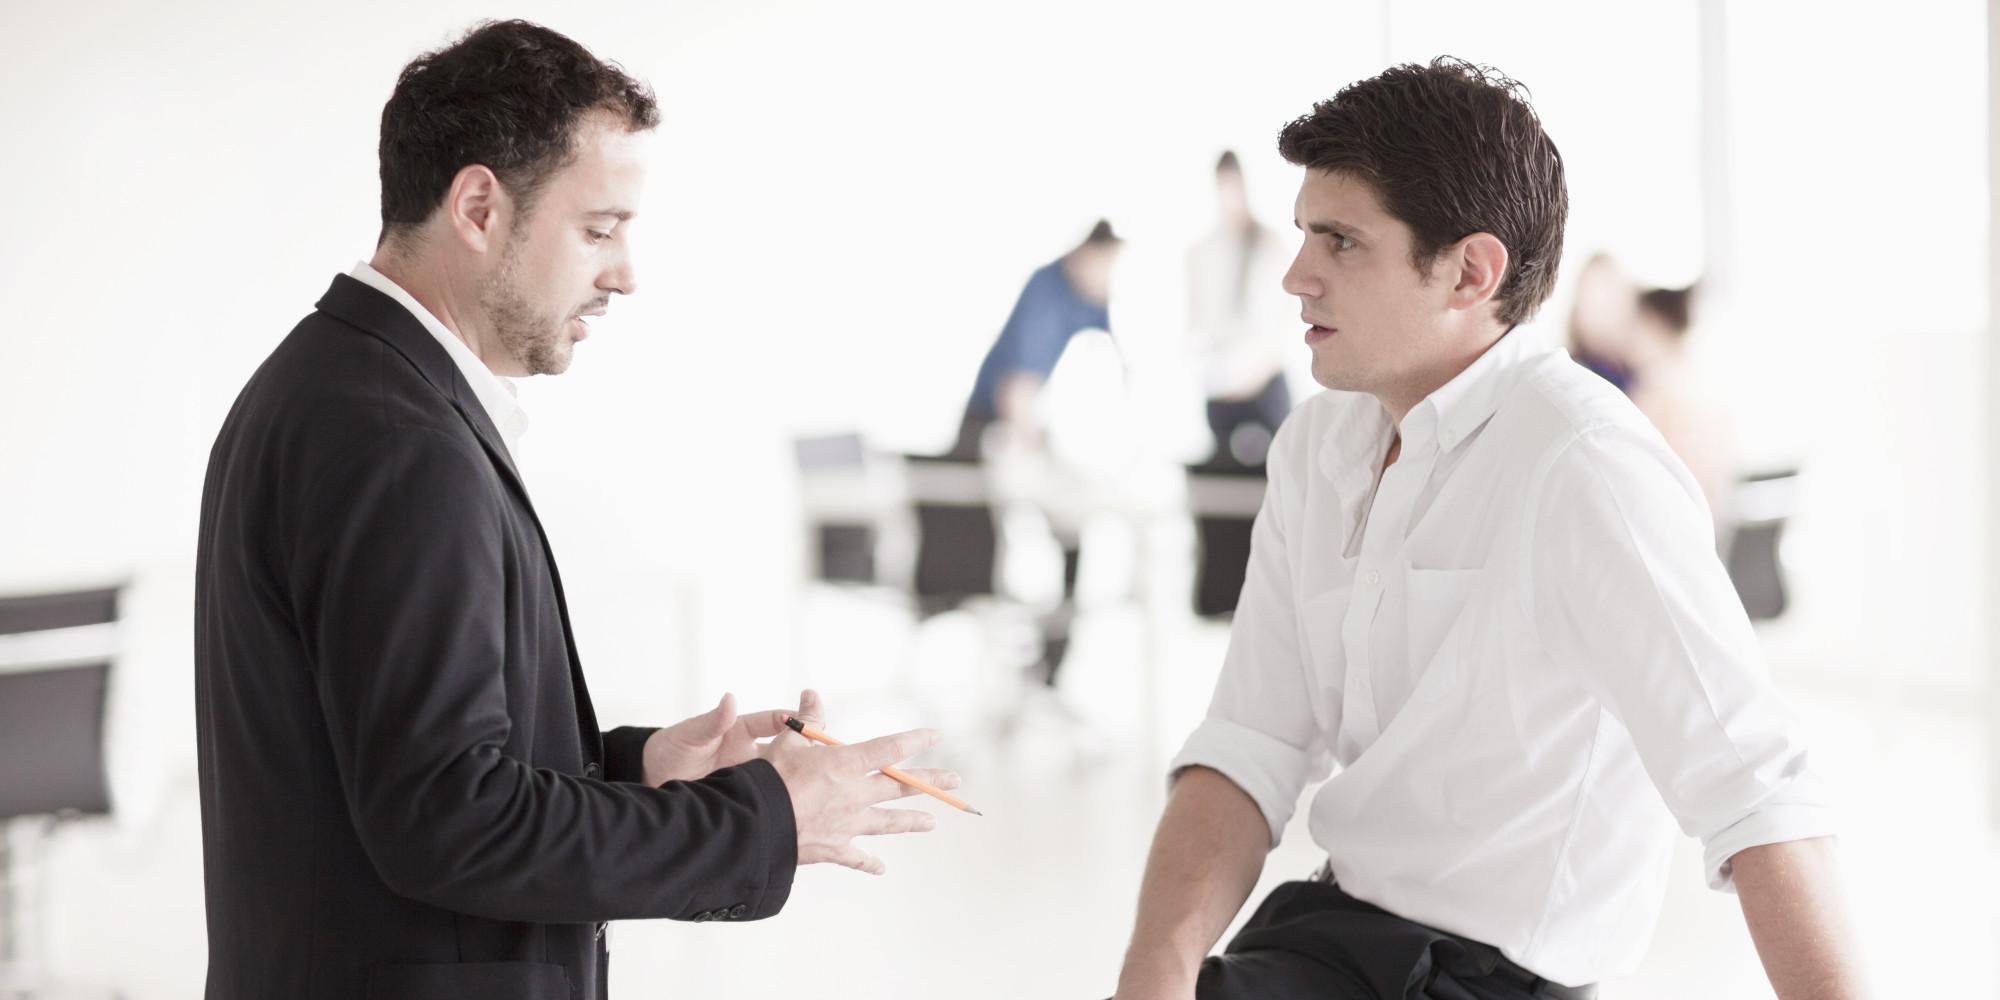 o-TWO-PEOPLE-TALKING-facebook.jpg